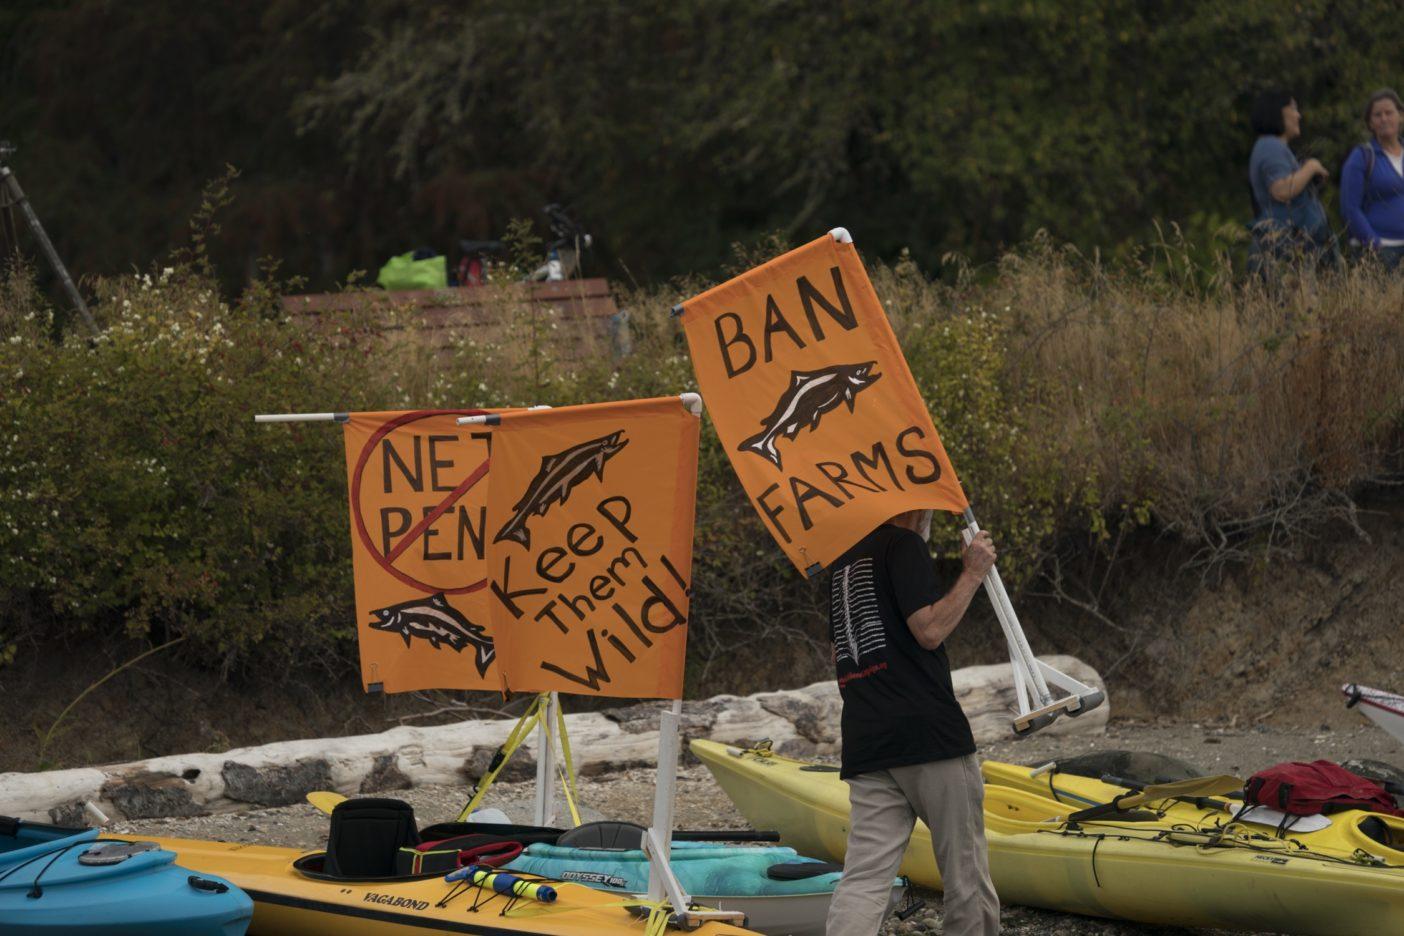 2017年9月16日、カヤック、カヌー、フィッシングボート、パドルボード、ローボート、セールボート、クルーザー、そして1頭の巨大なオルカ風船がワシントン州のベインブリッジ島に集結し、ピュージェット湾でのアトランティックサーモンの囲い網養殖に反対する「私たちの湾、私たちのサーモン」キャンペーンを行った。写真:ベン・ムーン